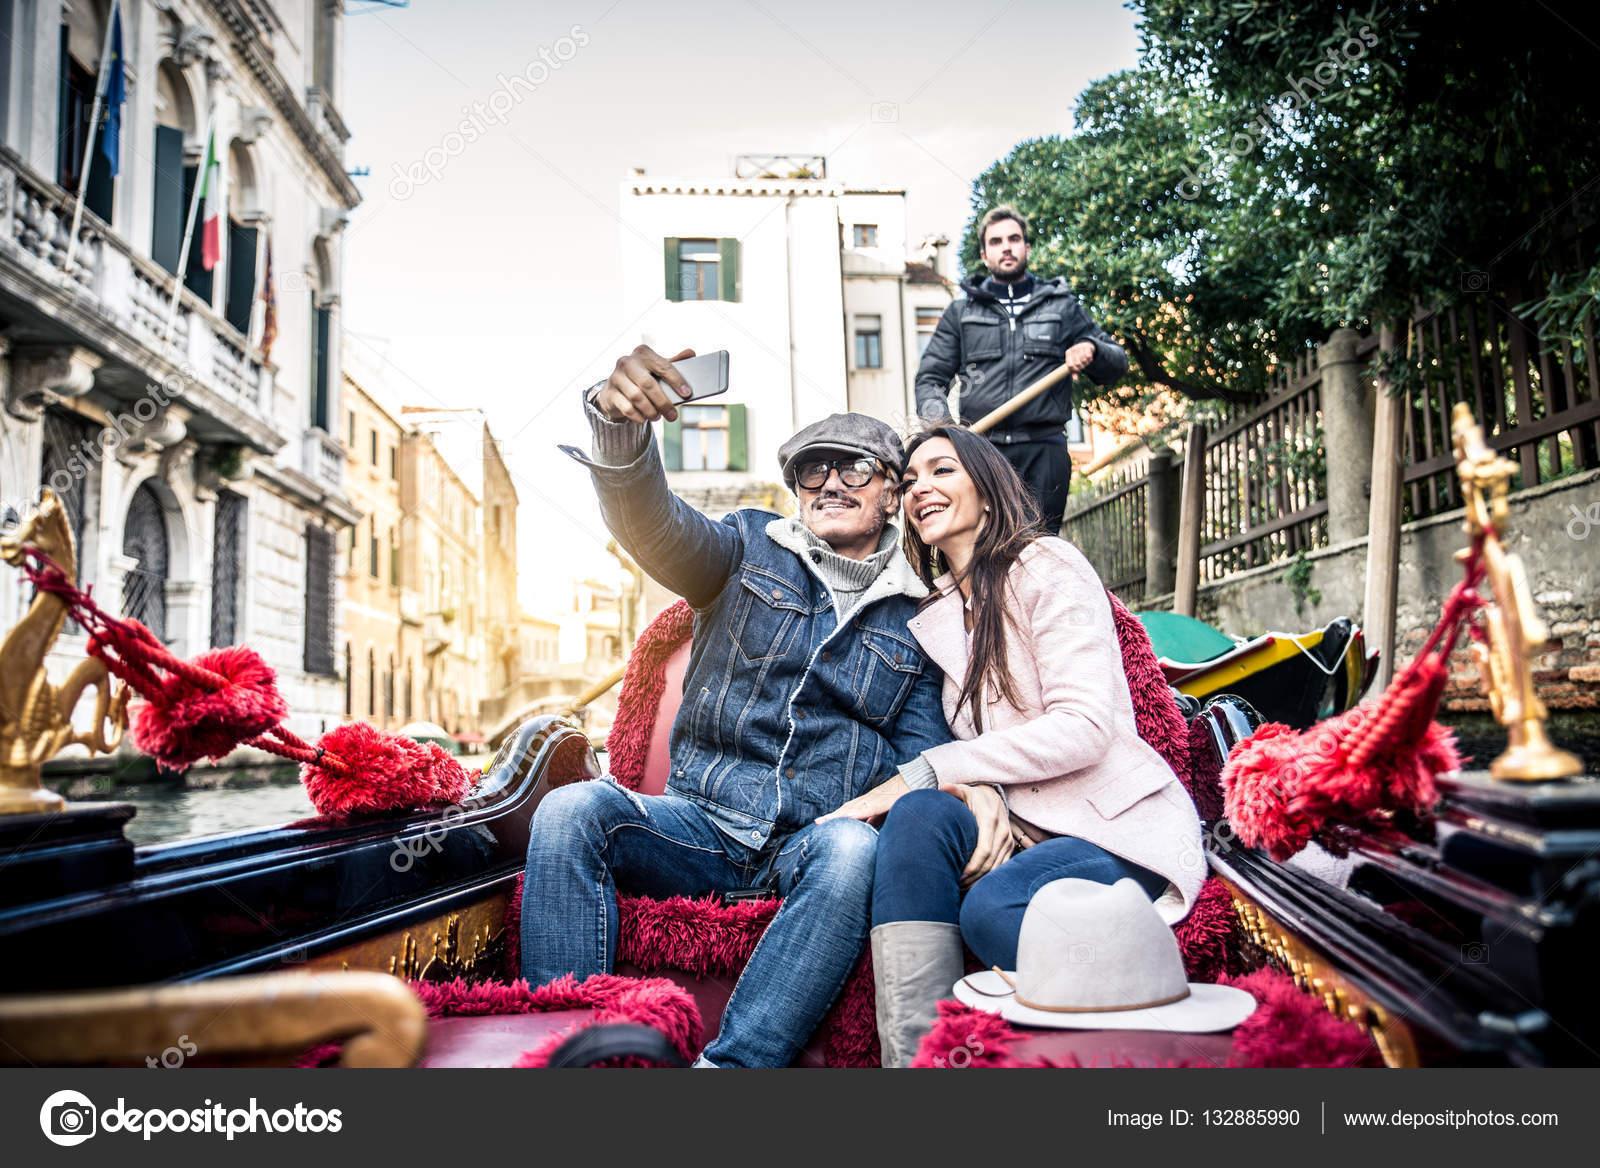 Connu d'amoureux en gondole vénitienne — Photo #132885990 GK39